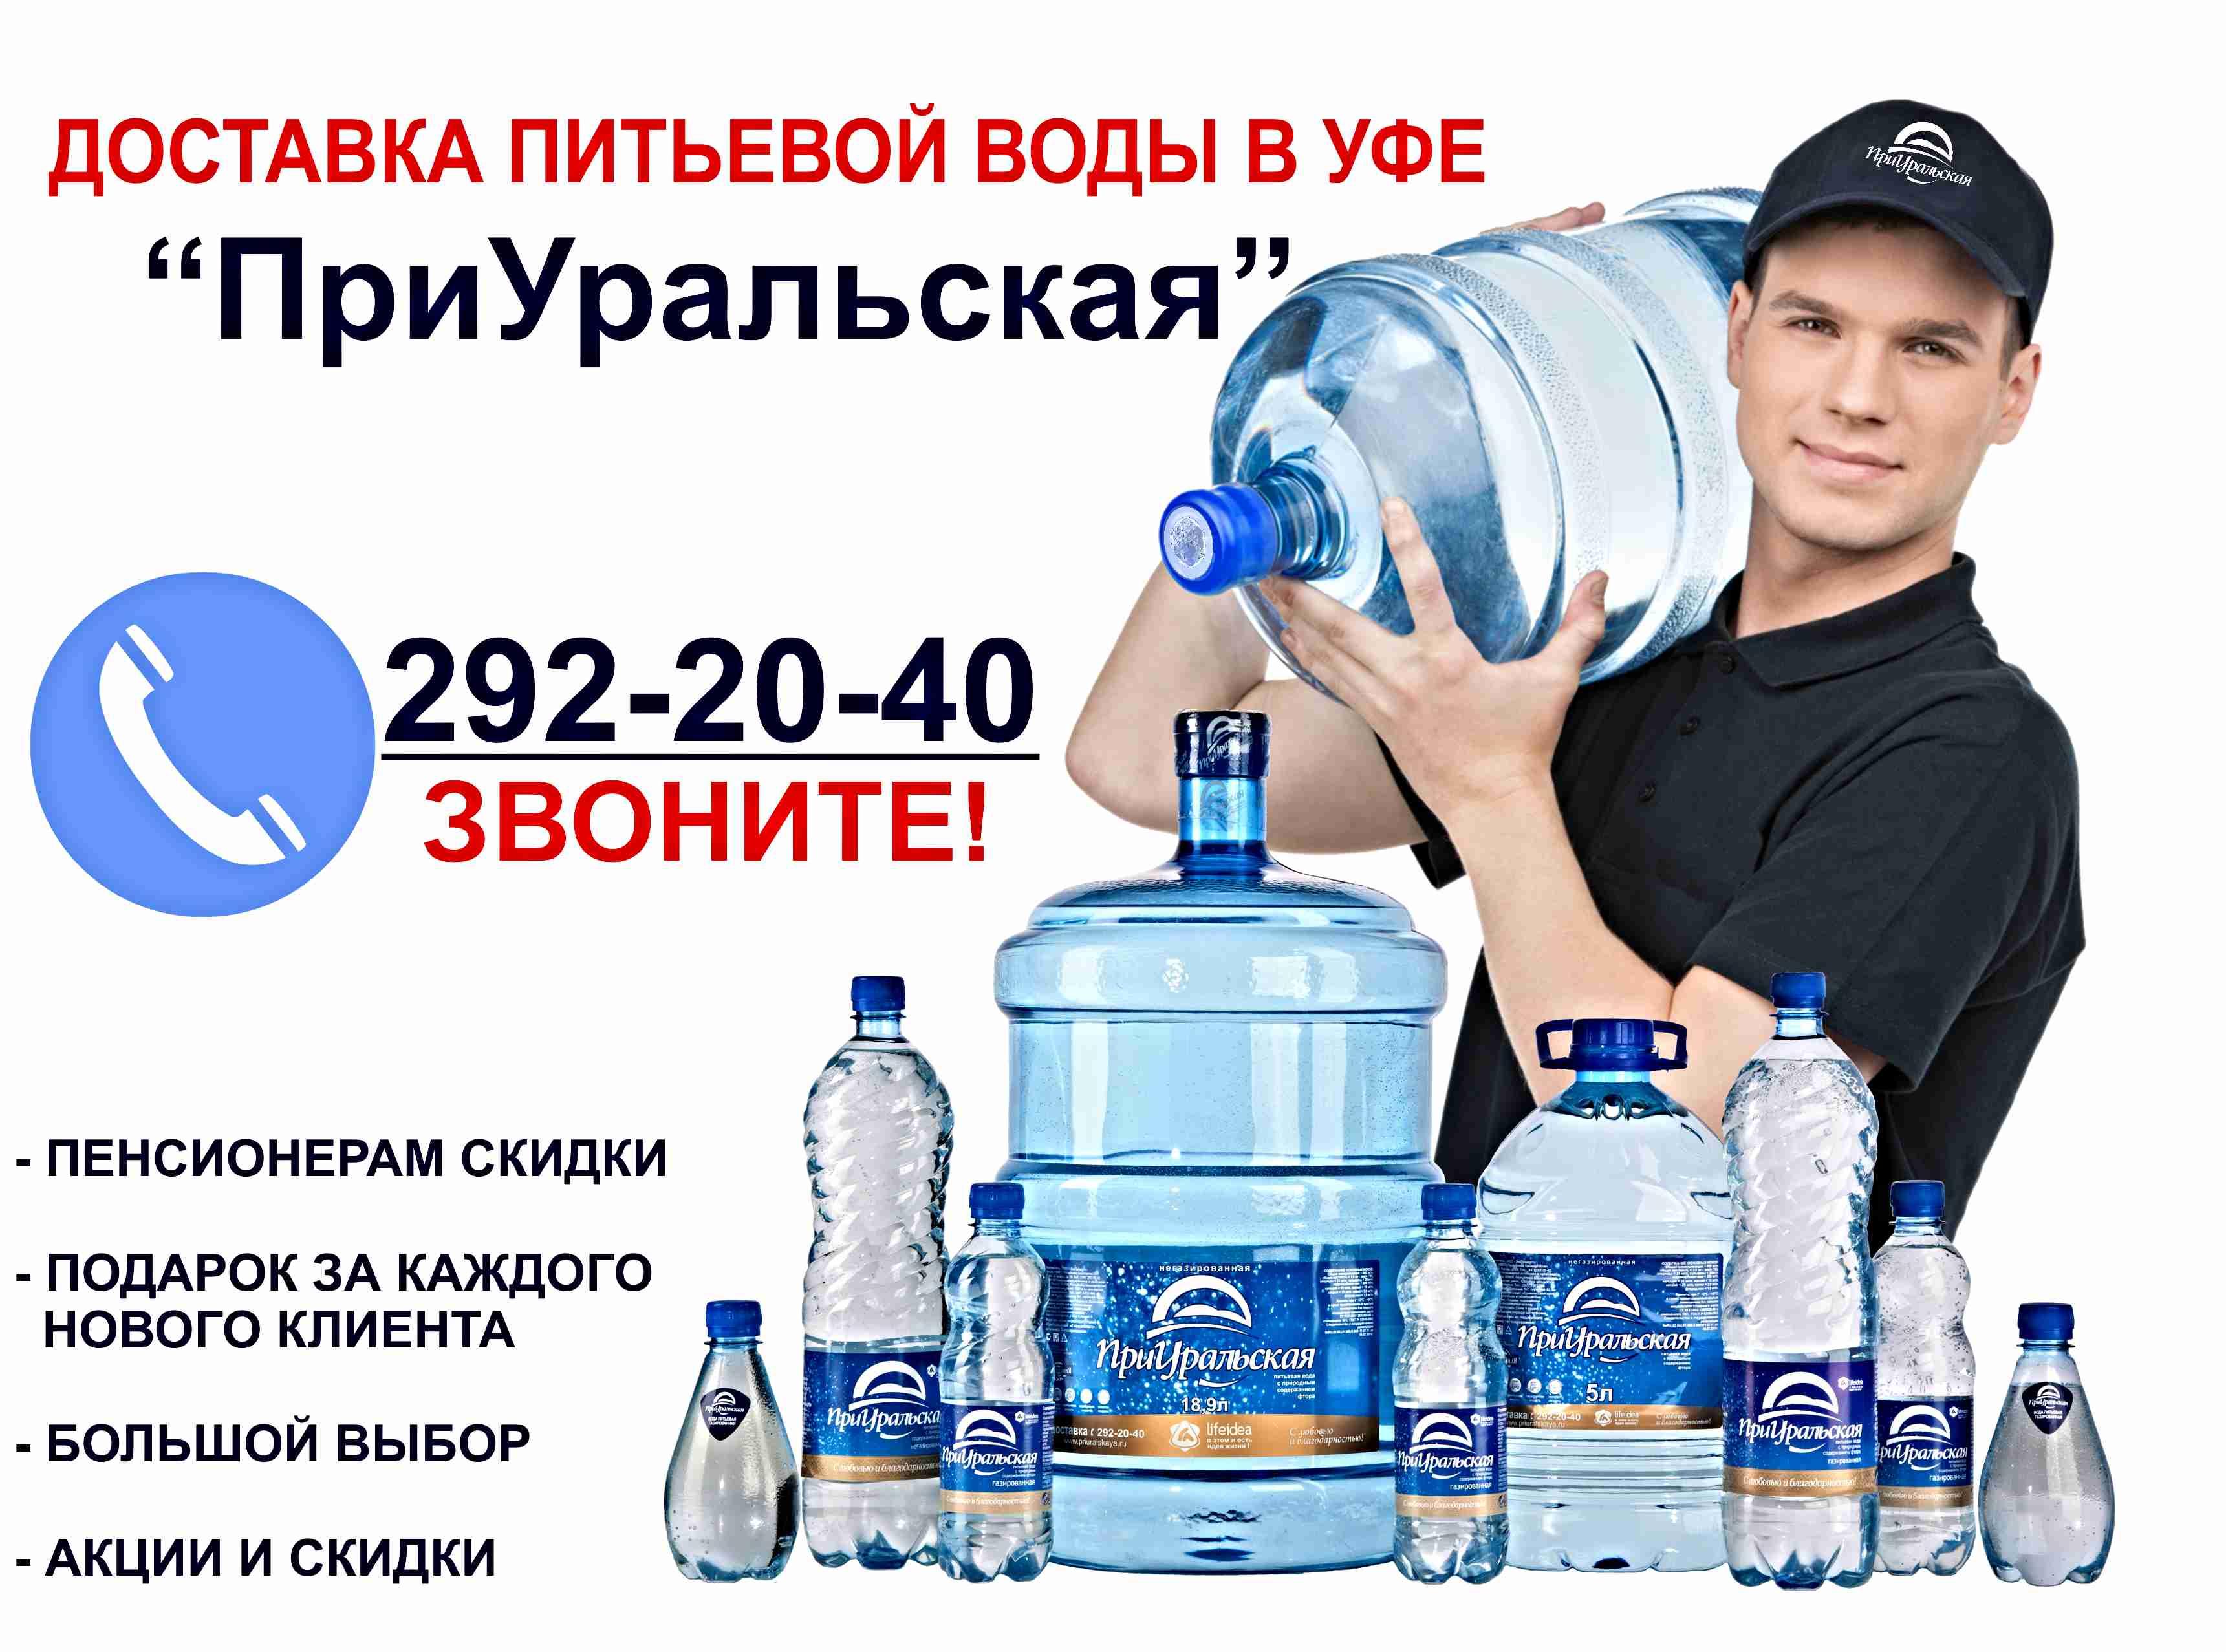 """Доставка питьевой воды """"ПриУральская"""" 19л.  - Акция """"Эконом"""""""